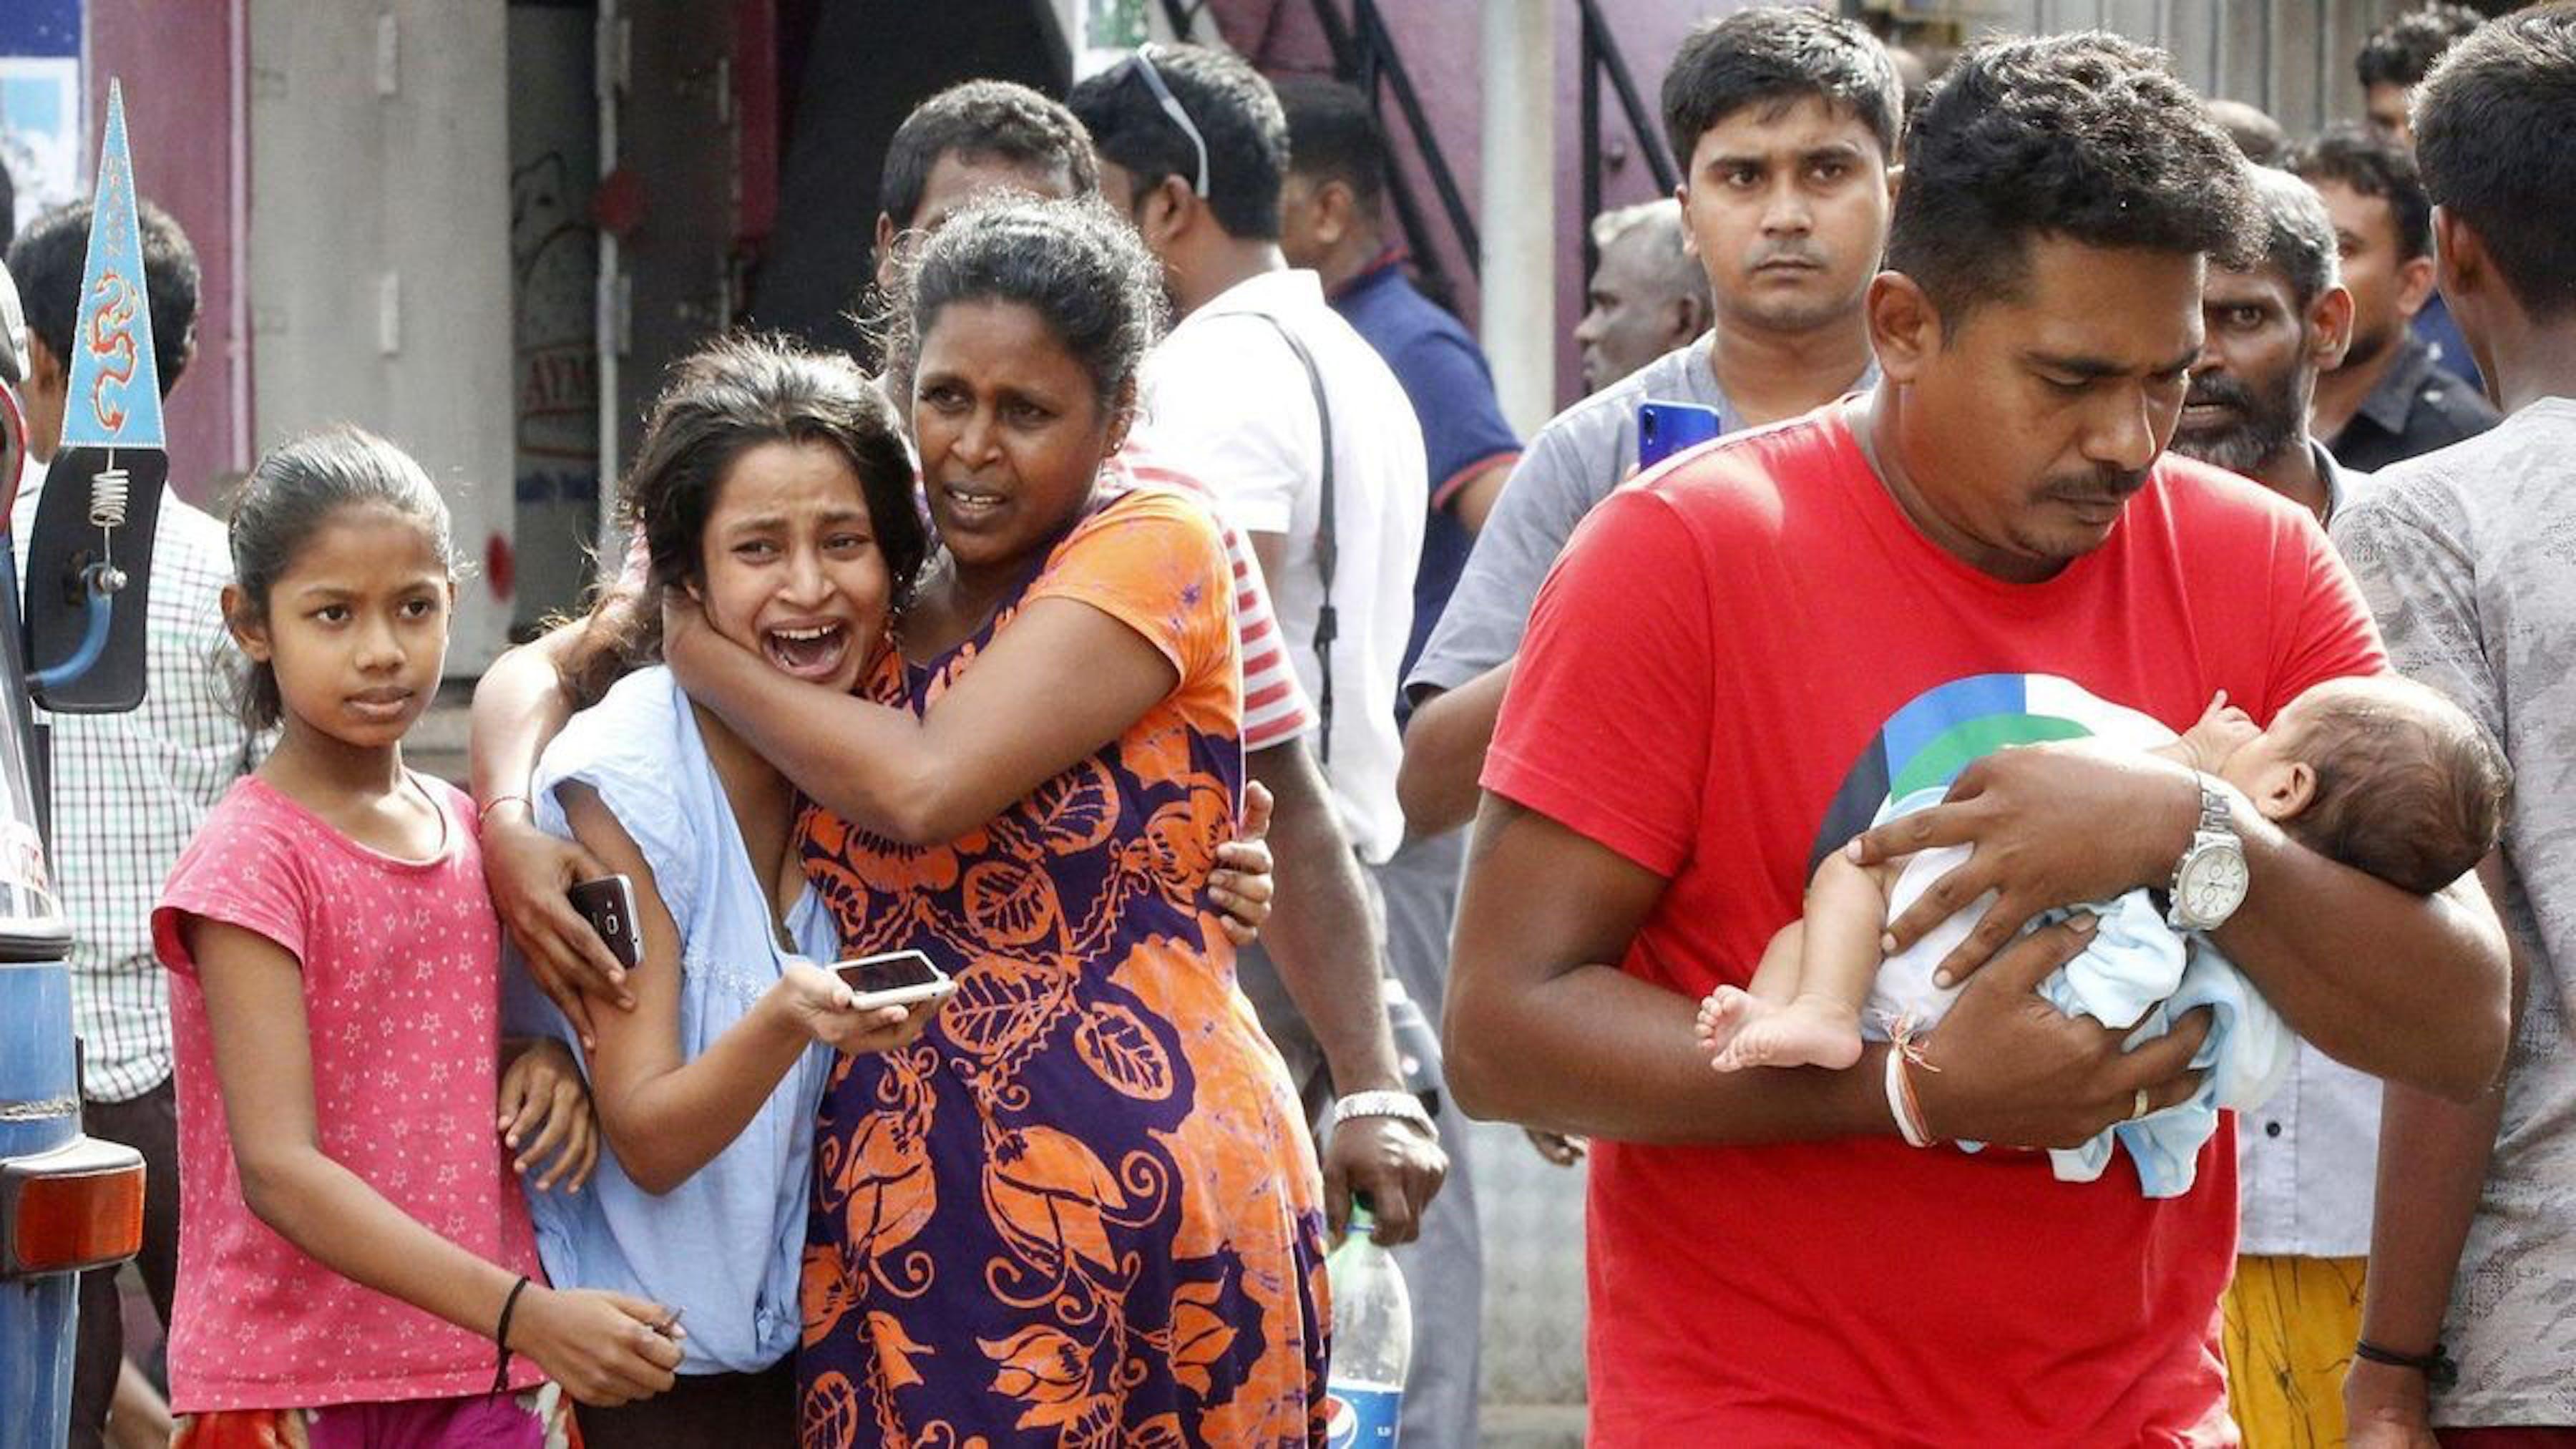 Civili evacuati durante un allarme attentato in una strada di Colombo, capitale dello Sri Lanka - ©M.A. Pushpa Kumara/EPA/REX/Shutterstock